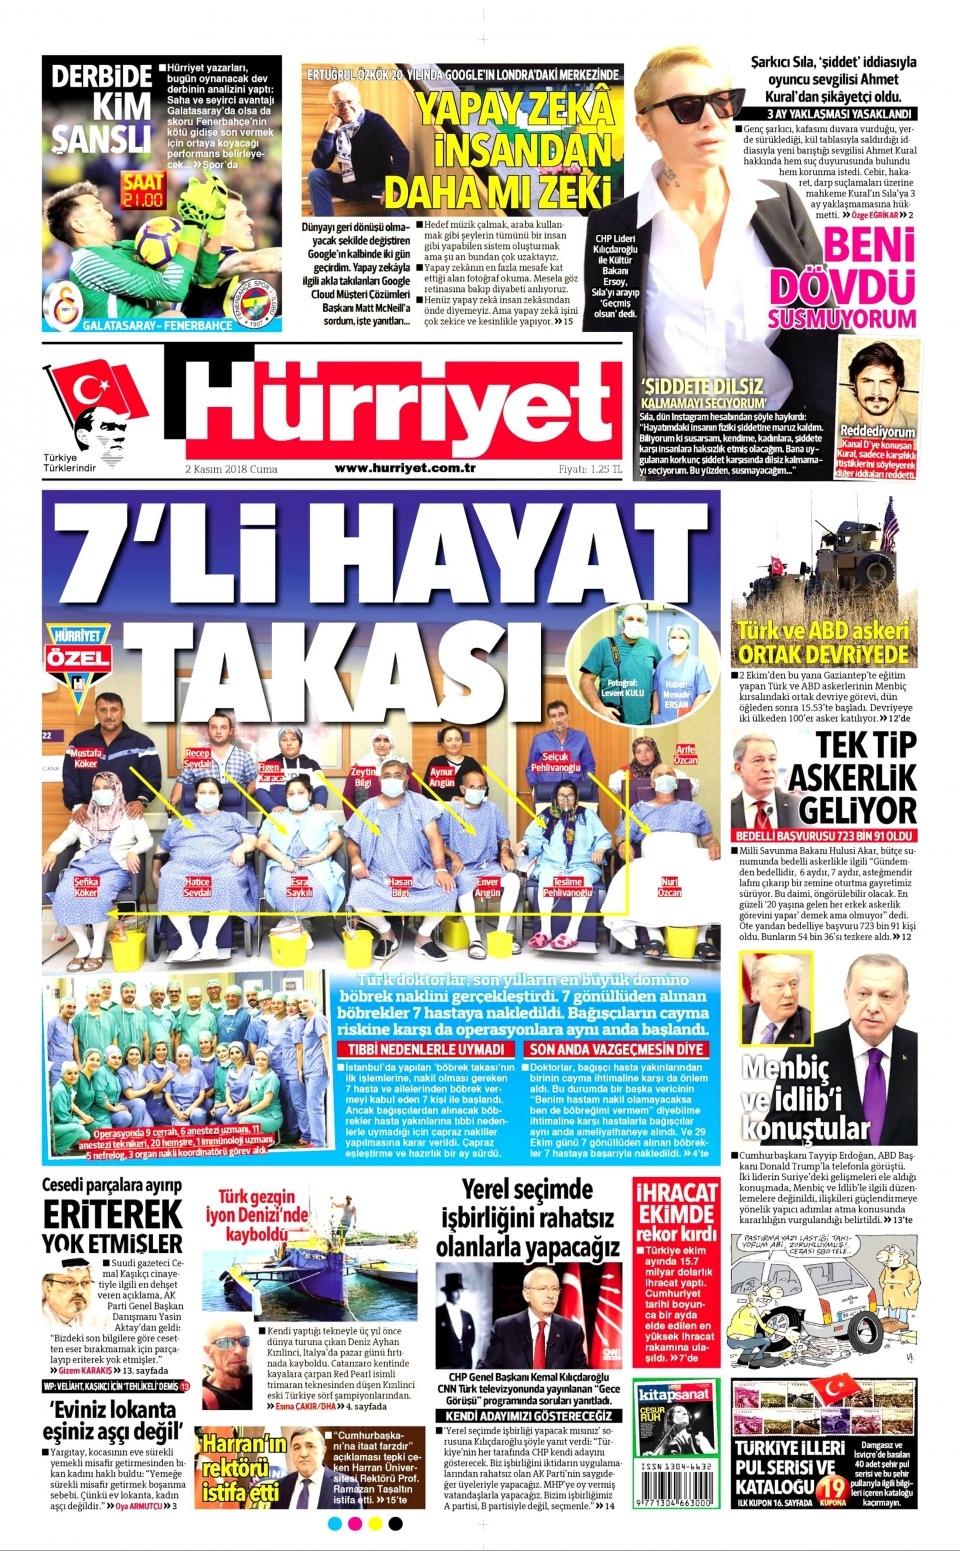 2 Kasım gazete manşetleri 1